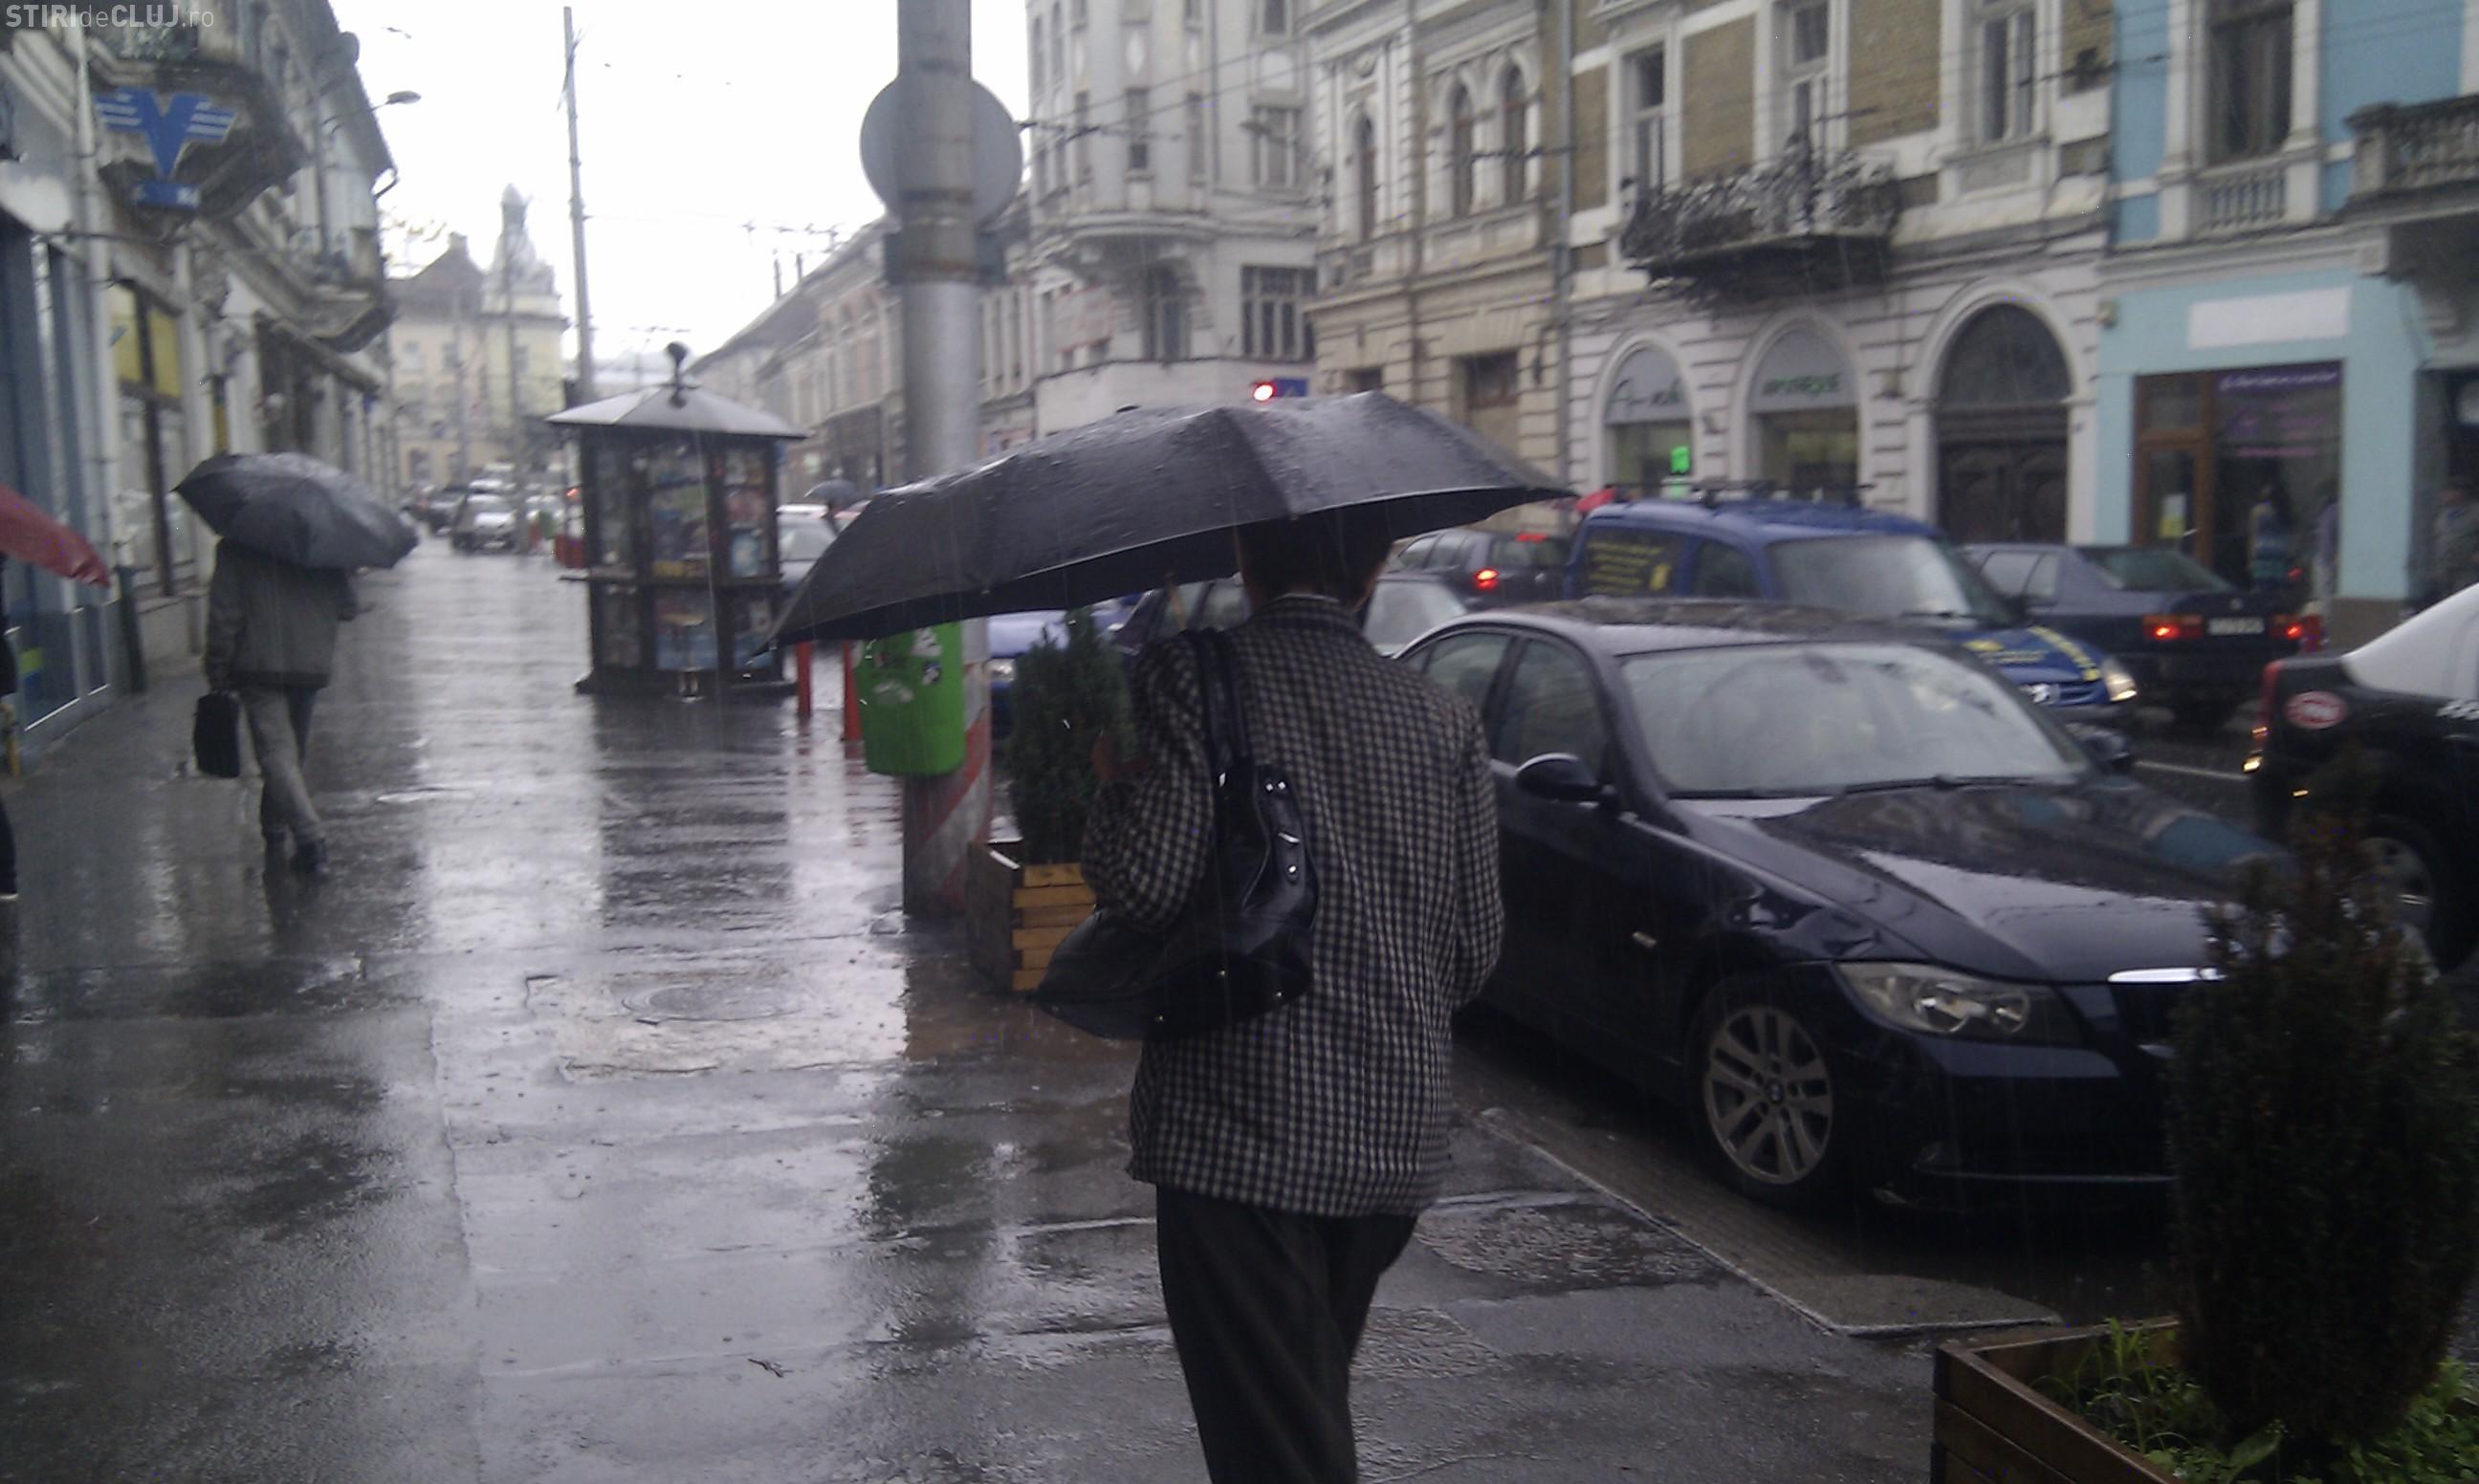 Vremea se încălzeşte, dar va ploua. PROGNOZA METEO PE TREI ZILE